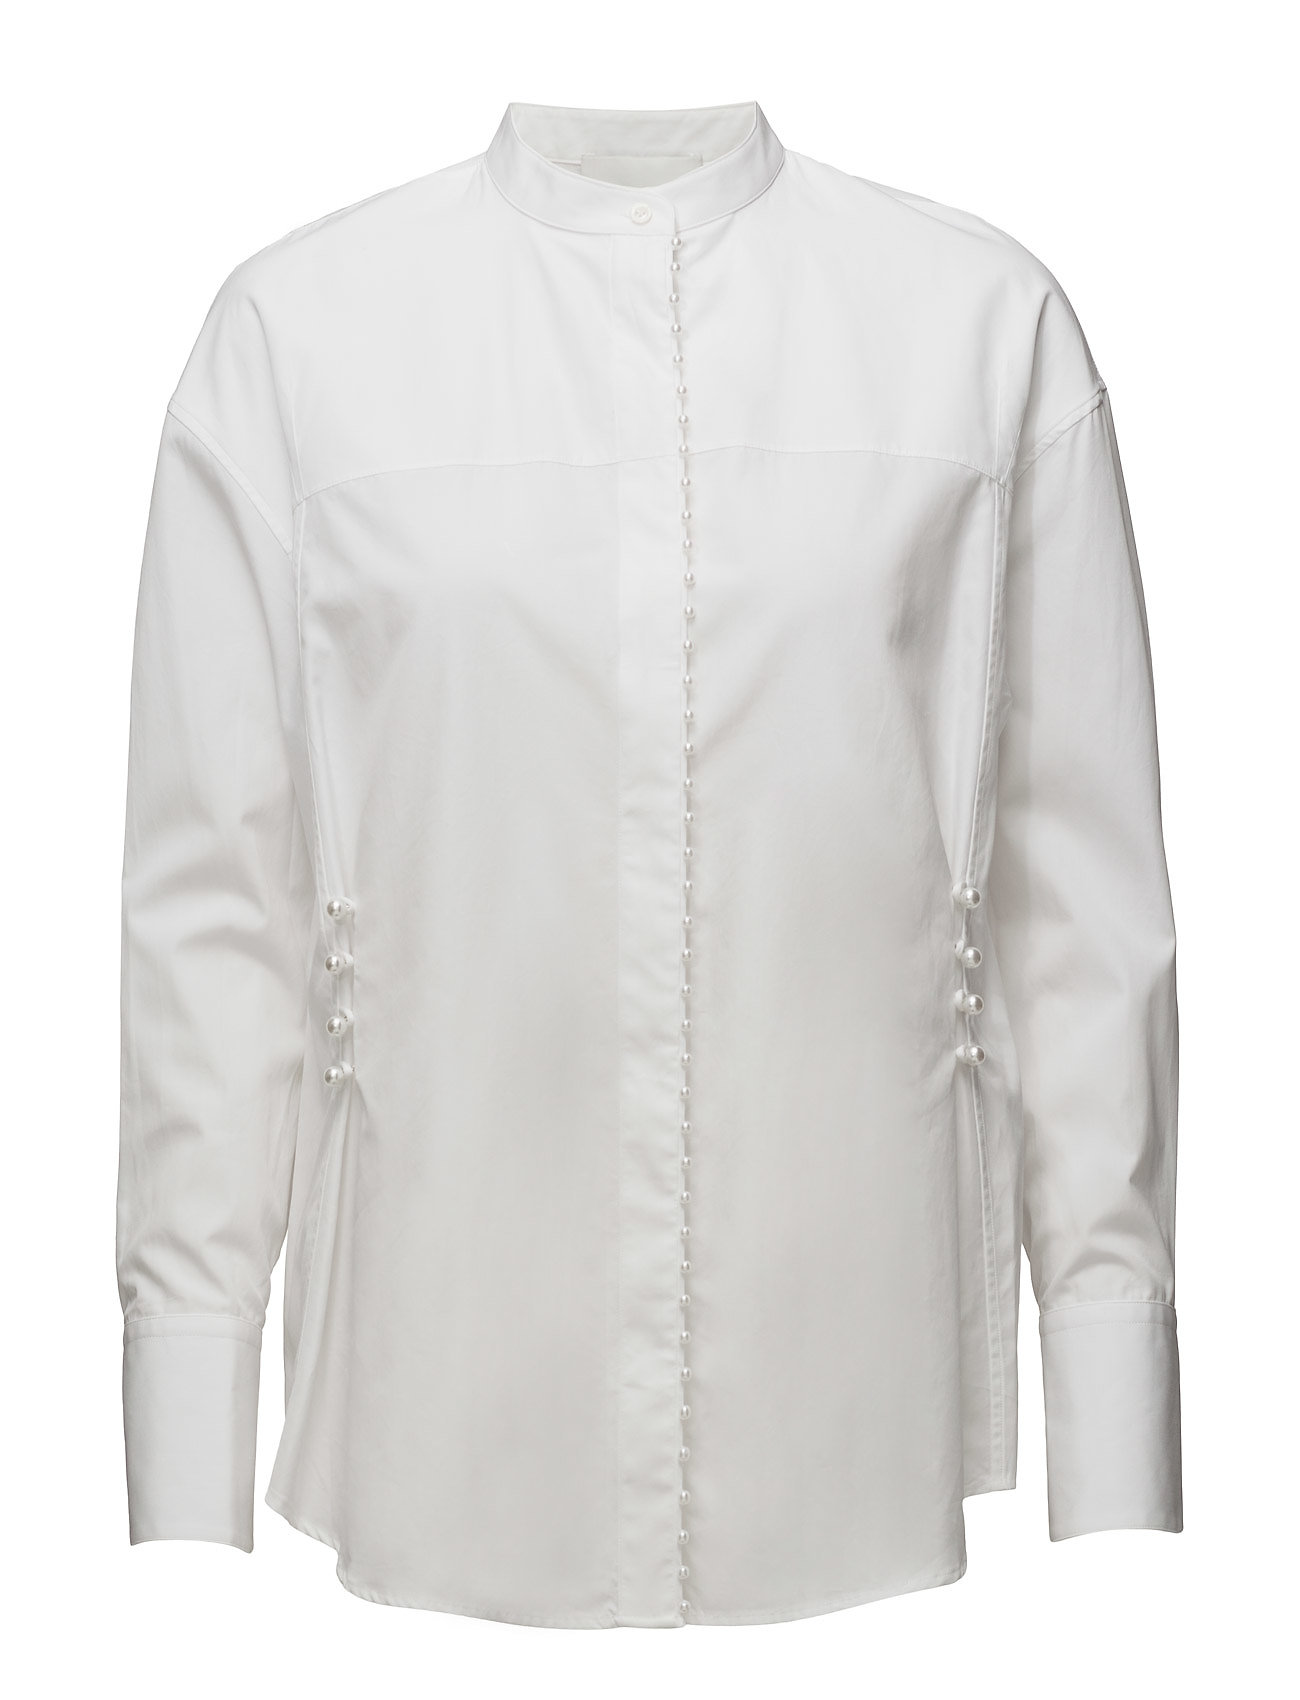 Ls Blouse W Pearl Embroidery 3.1 Phillip Lim Langærmede til Damer i hvid